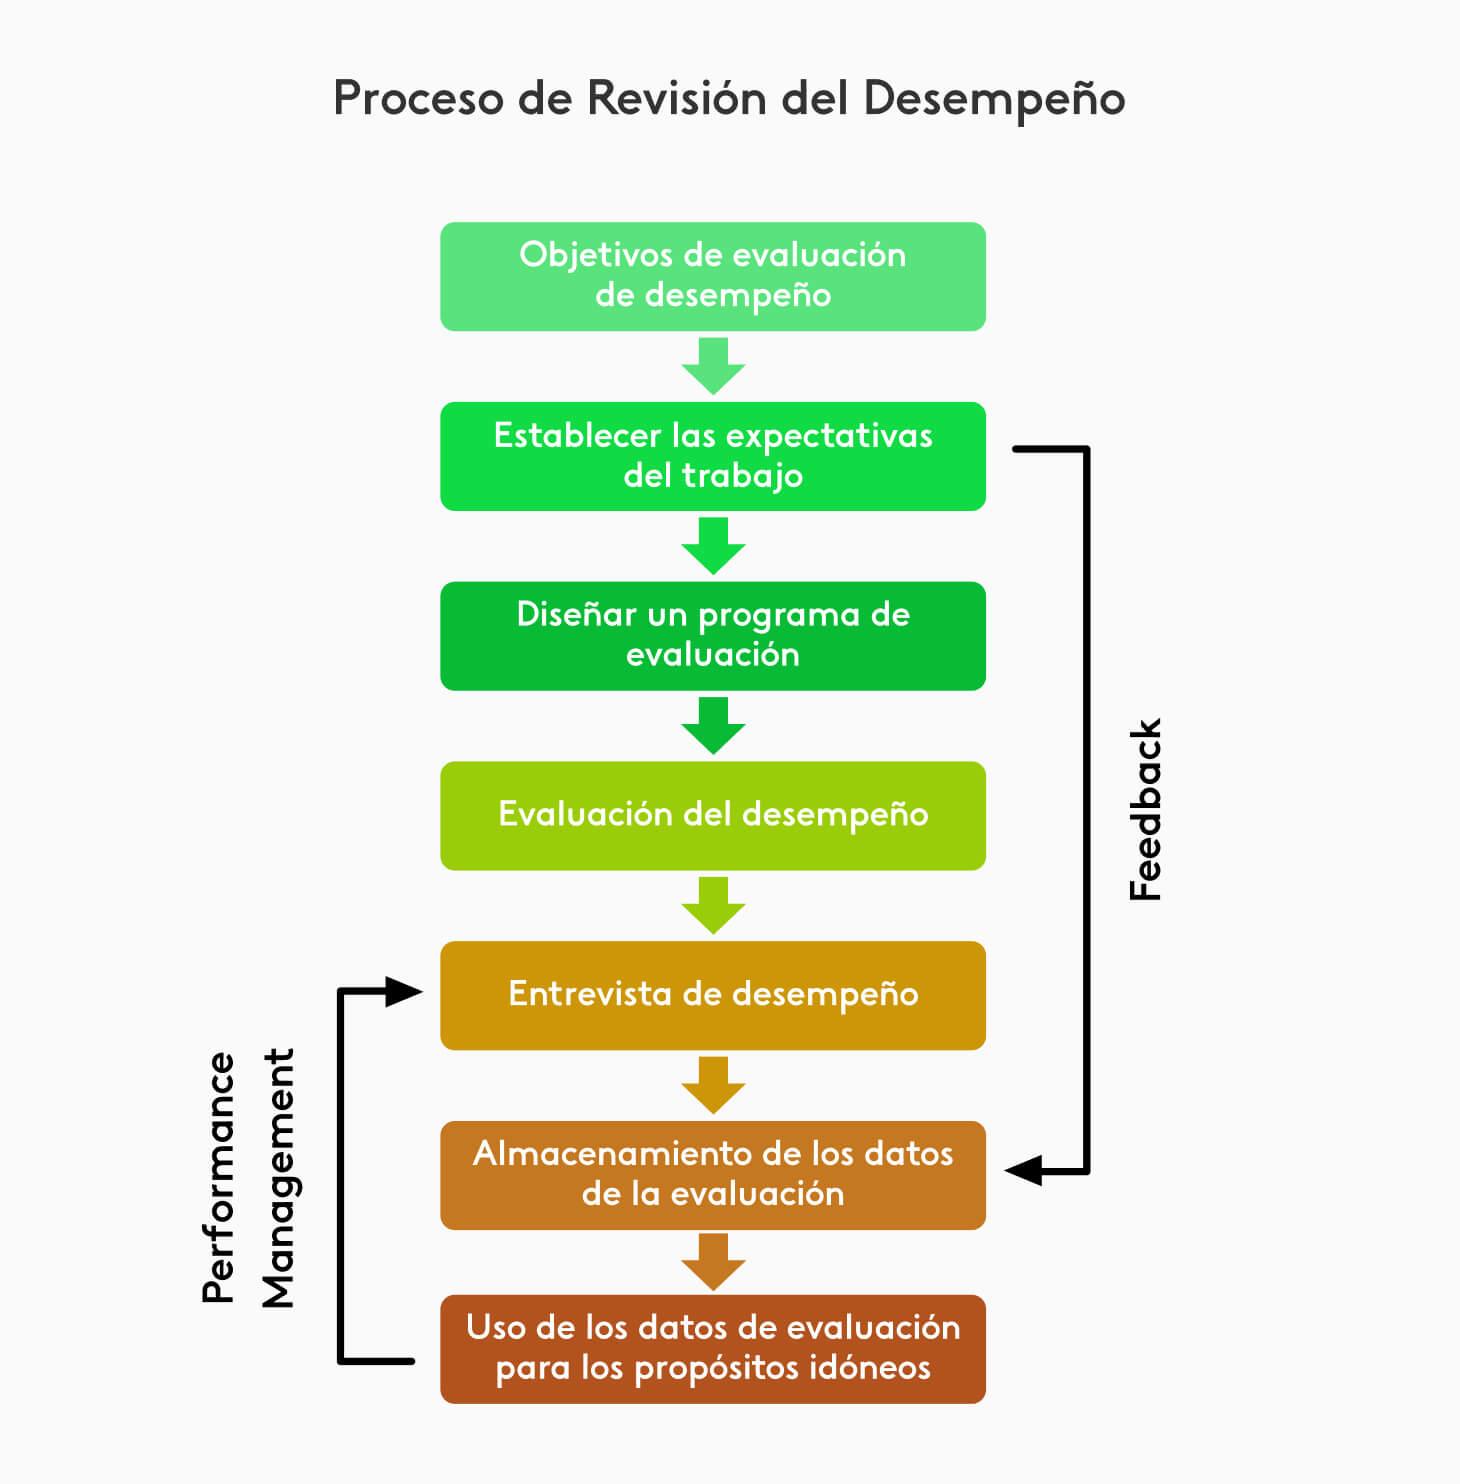 Diagrama del proceso de evaluación de desempeño